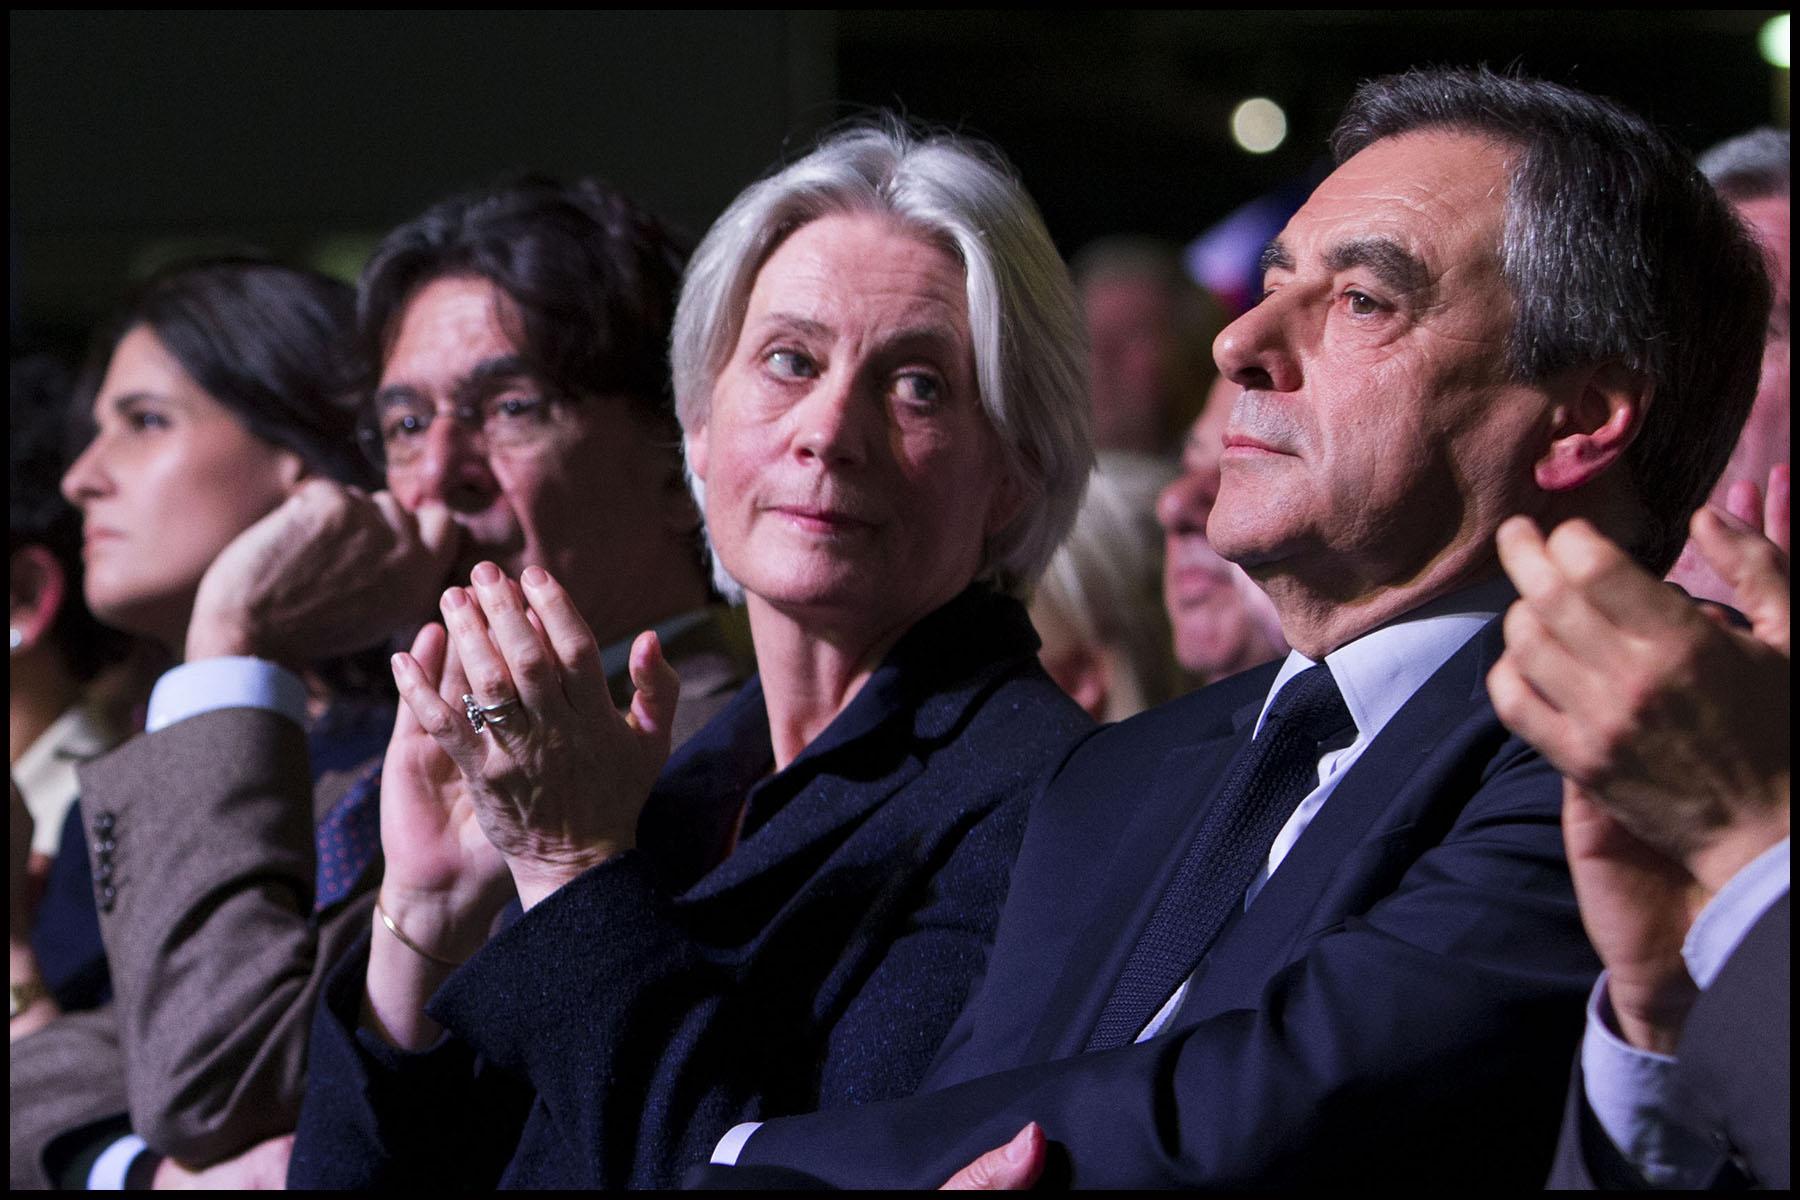 Meeting du Candidat de la droite et du centre François FILLON à la Porte de Versailles à Paris